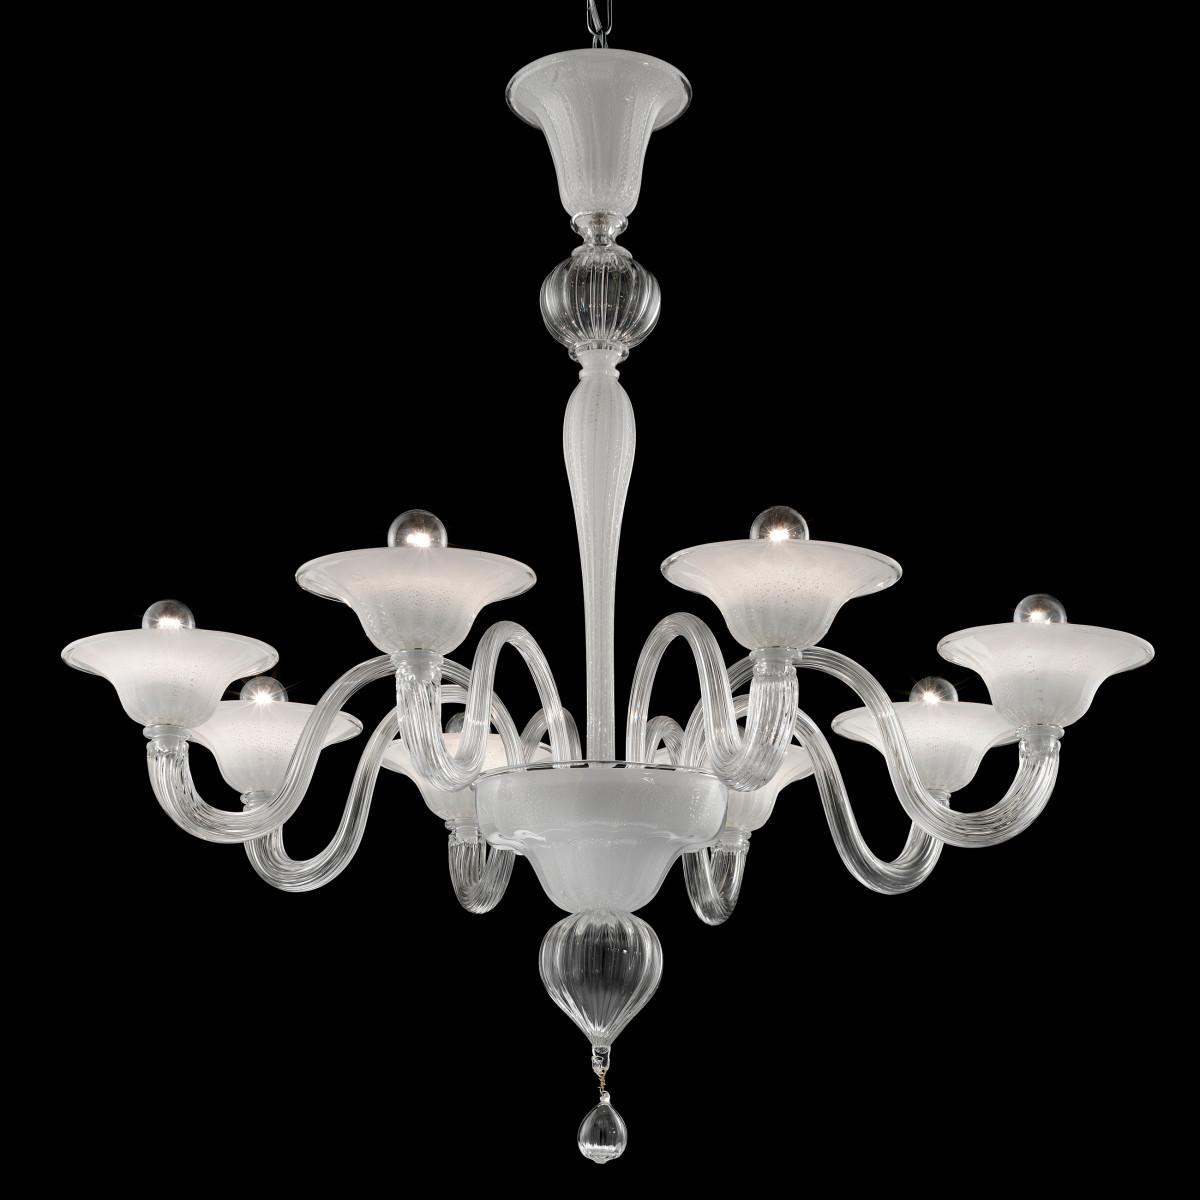 Doge 8 luces araña de Murano - color blanco plata y transparente